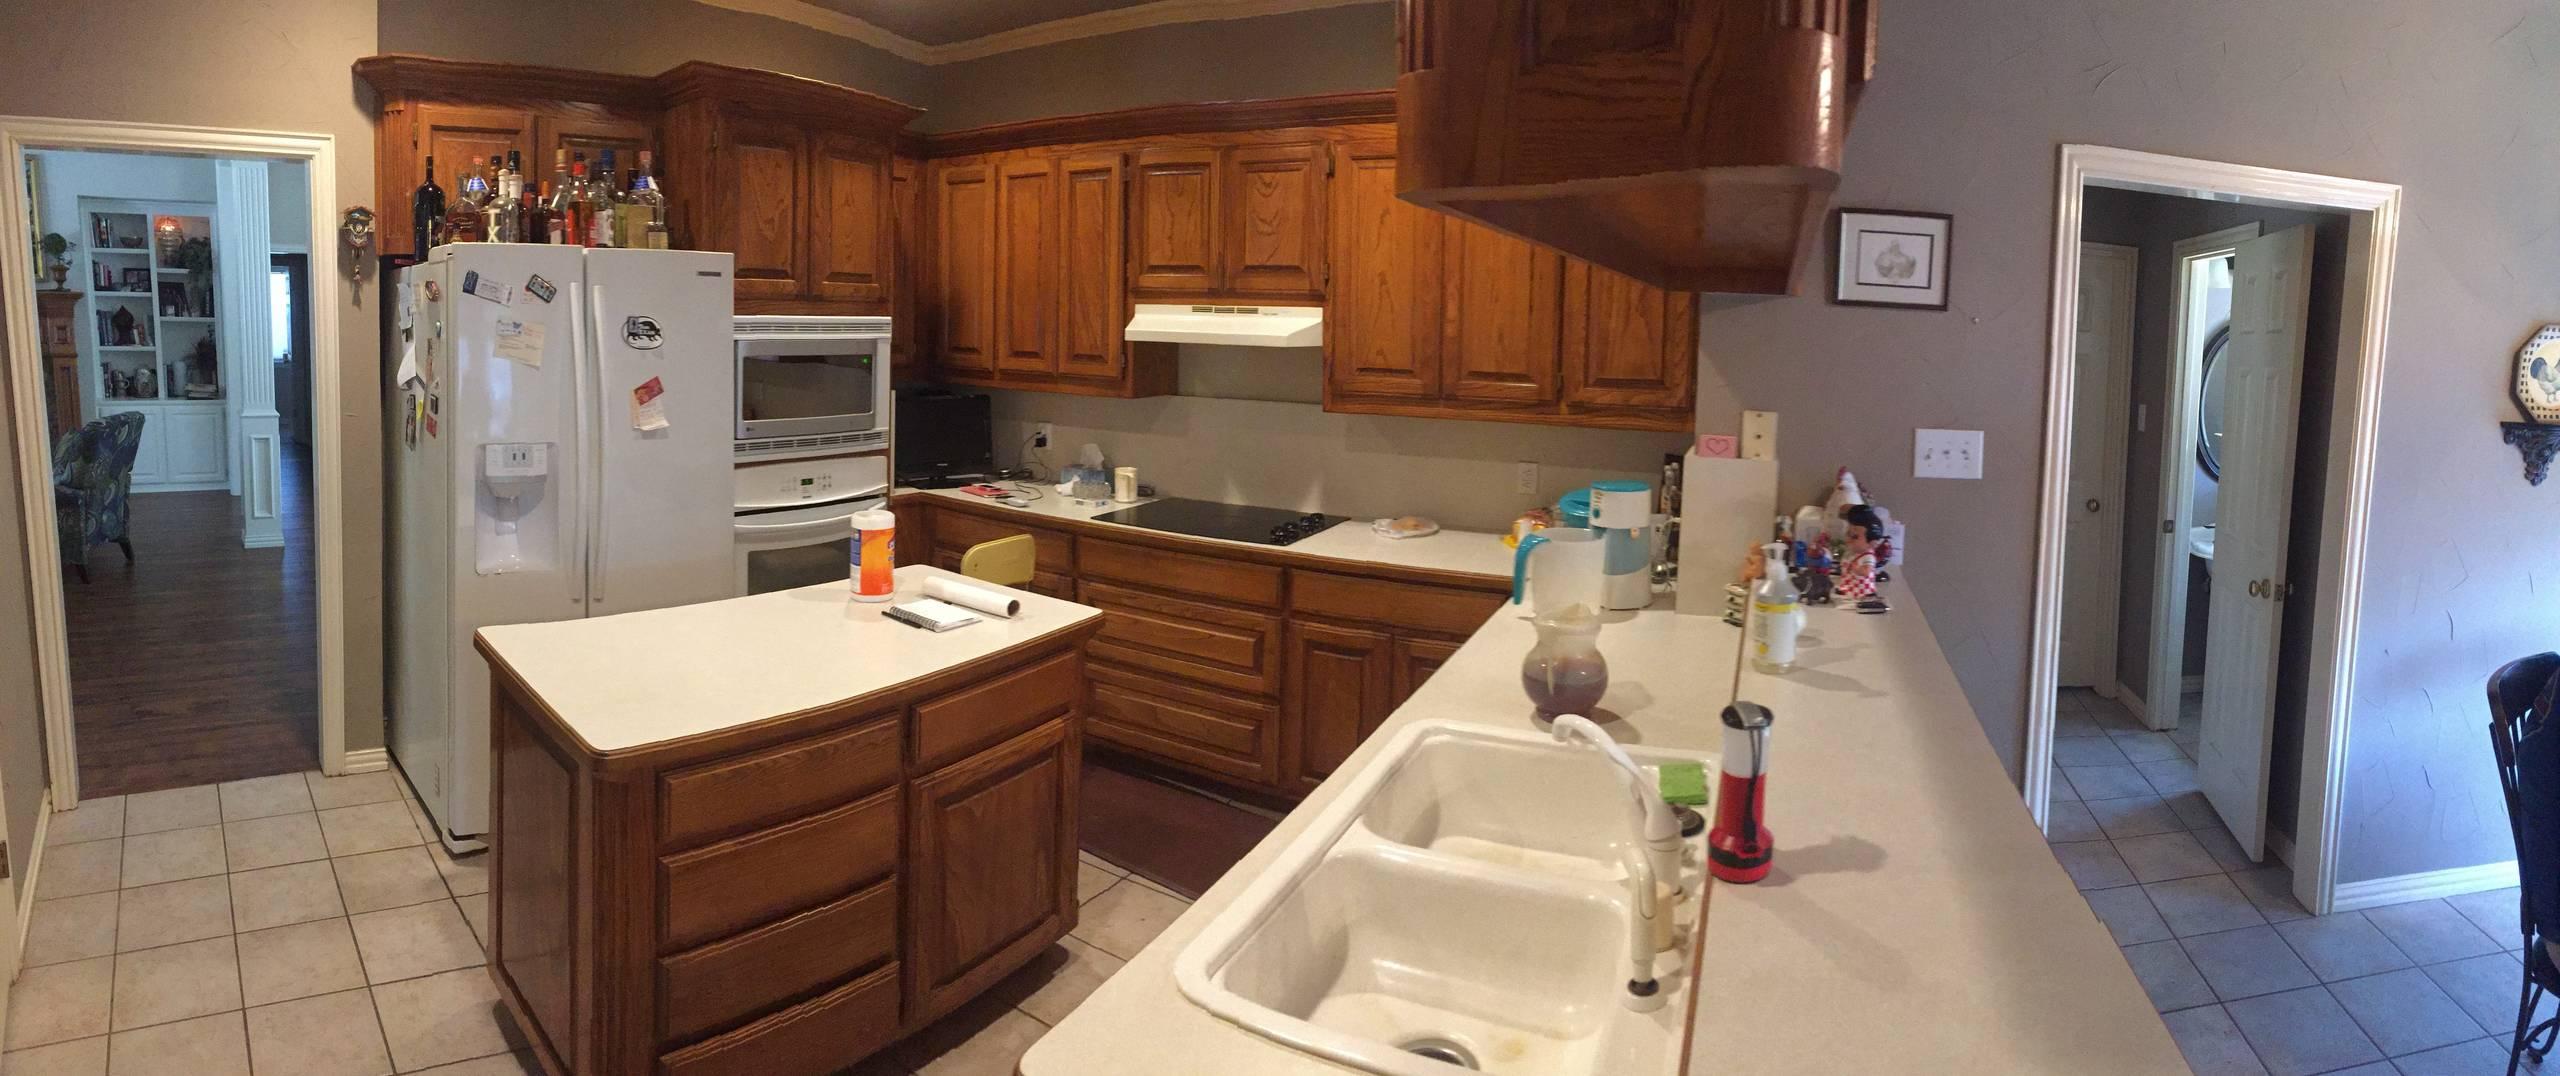 Mansfield Kitchen Remodel